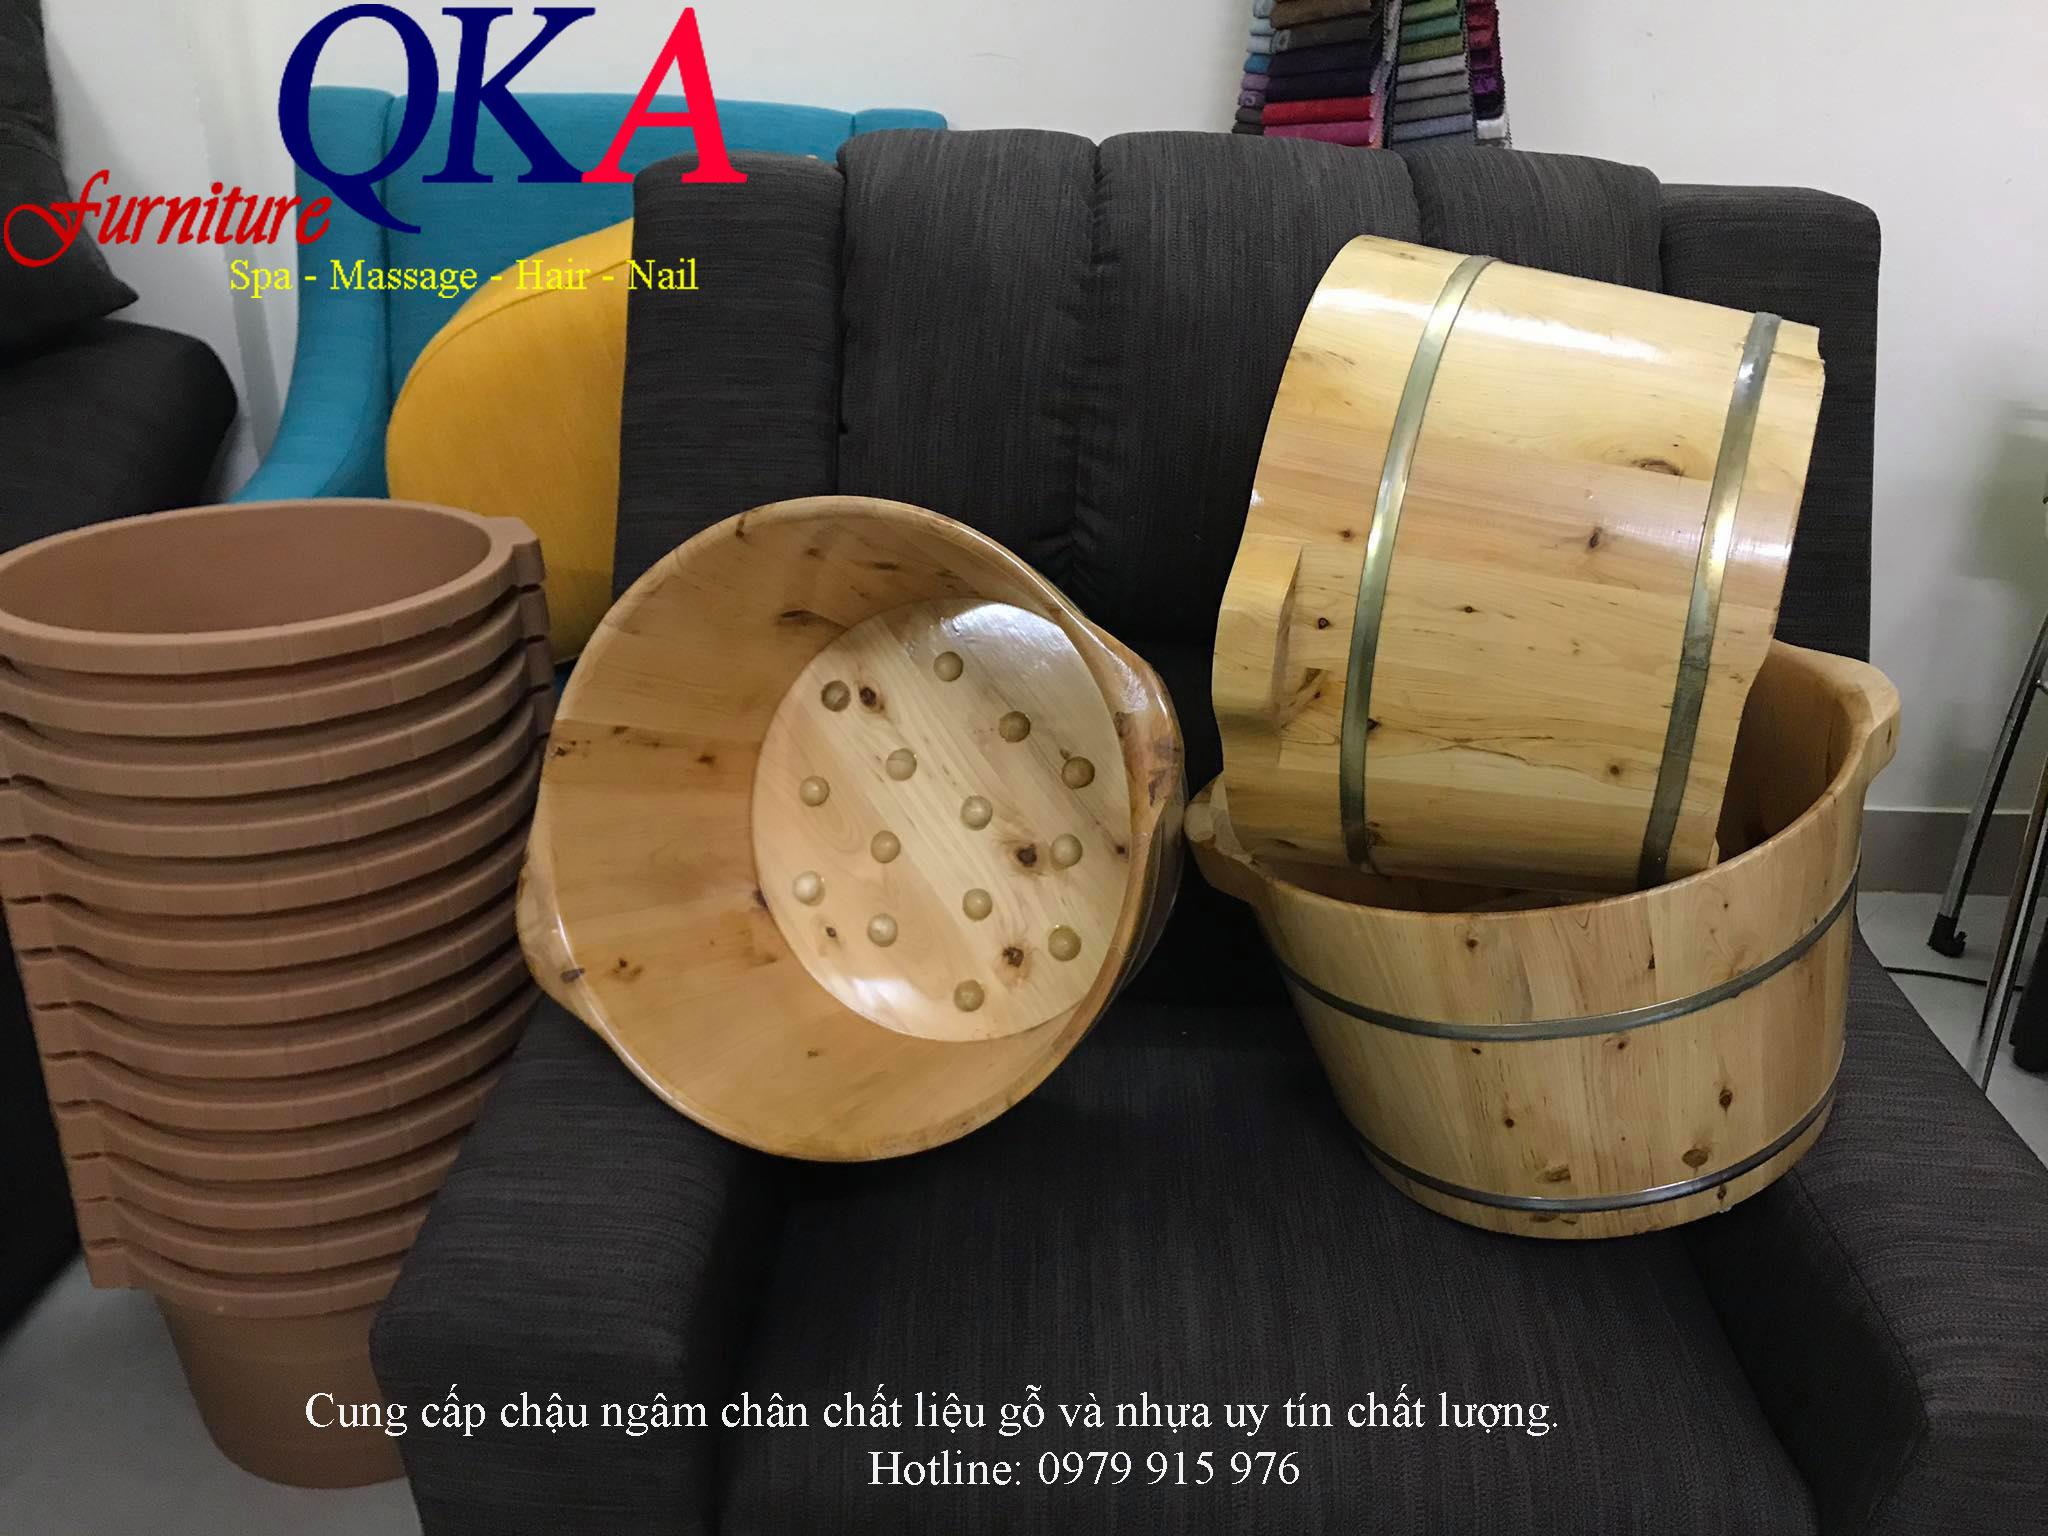 chậu ngâm chân bằng gỗ; bồn gỗ ngâm chân; chậu gỗ ngâm chân; thùng gỗ; chậu ngâm chân nhựa giá gỗ;